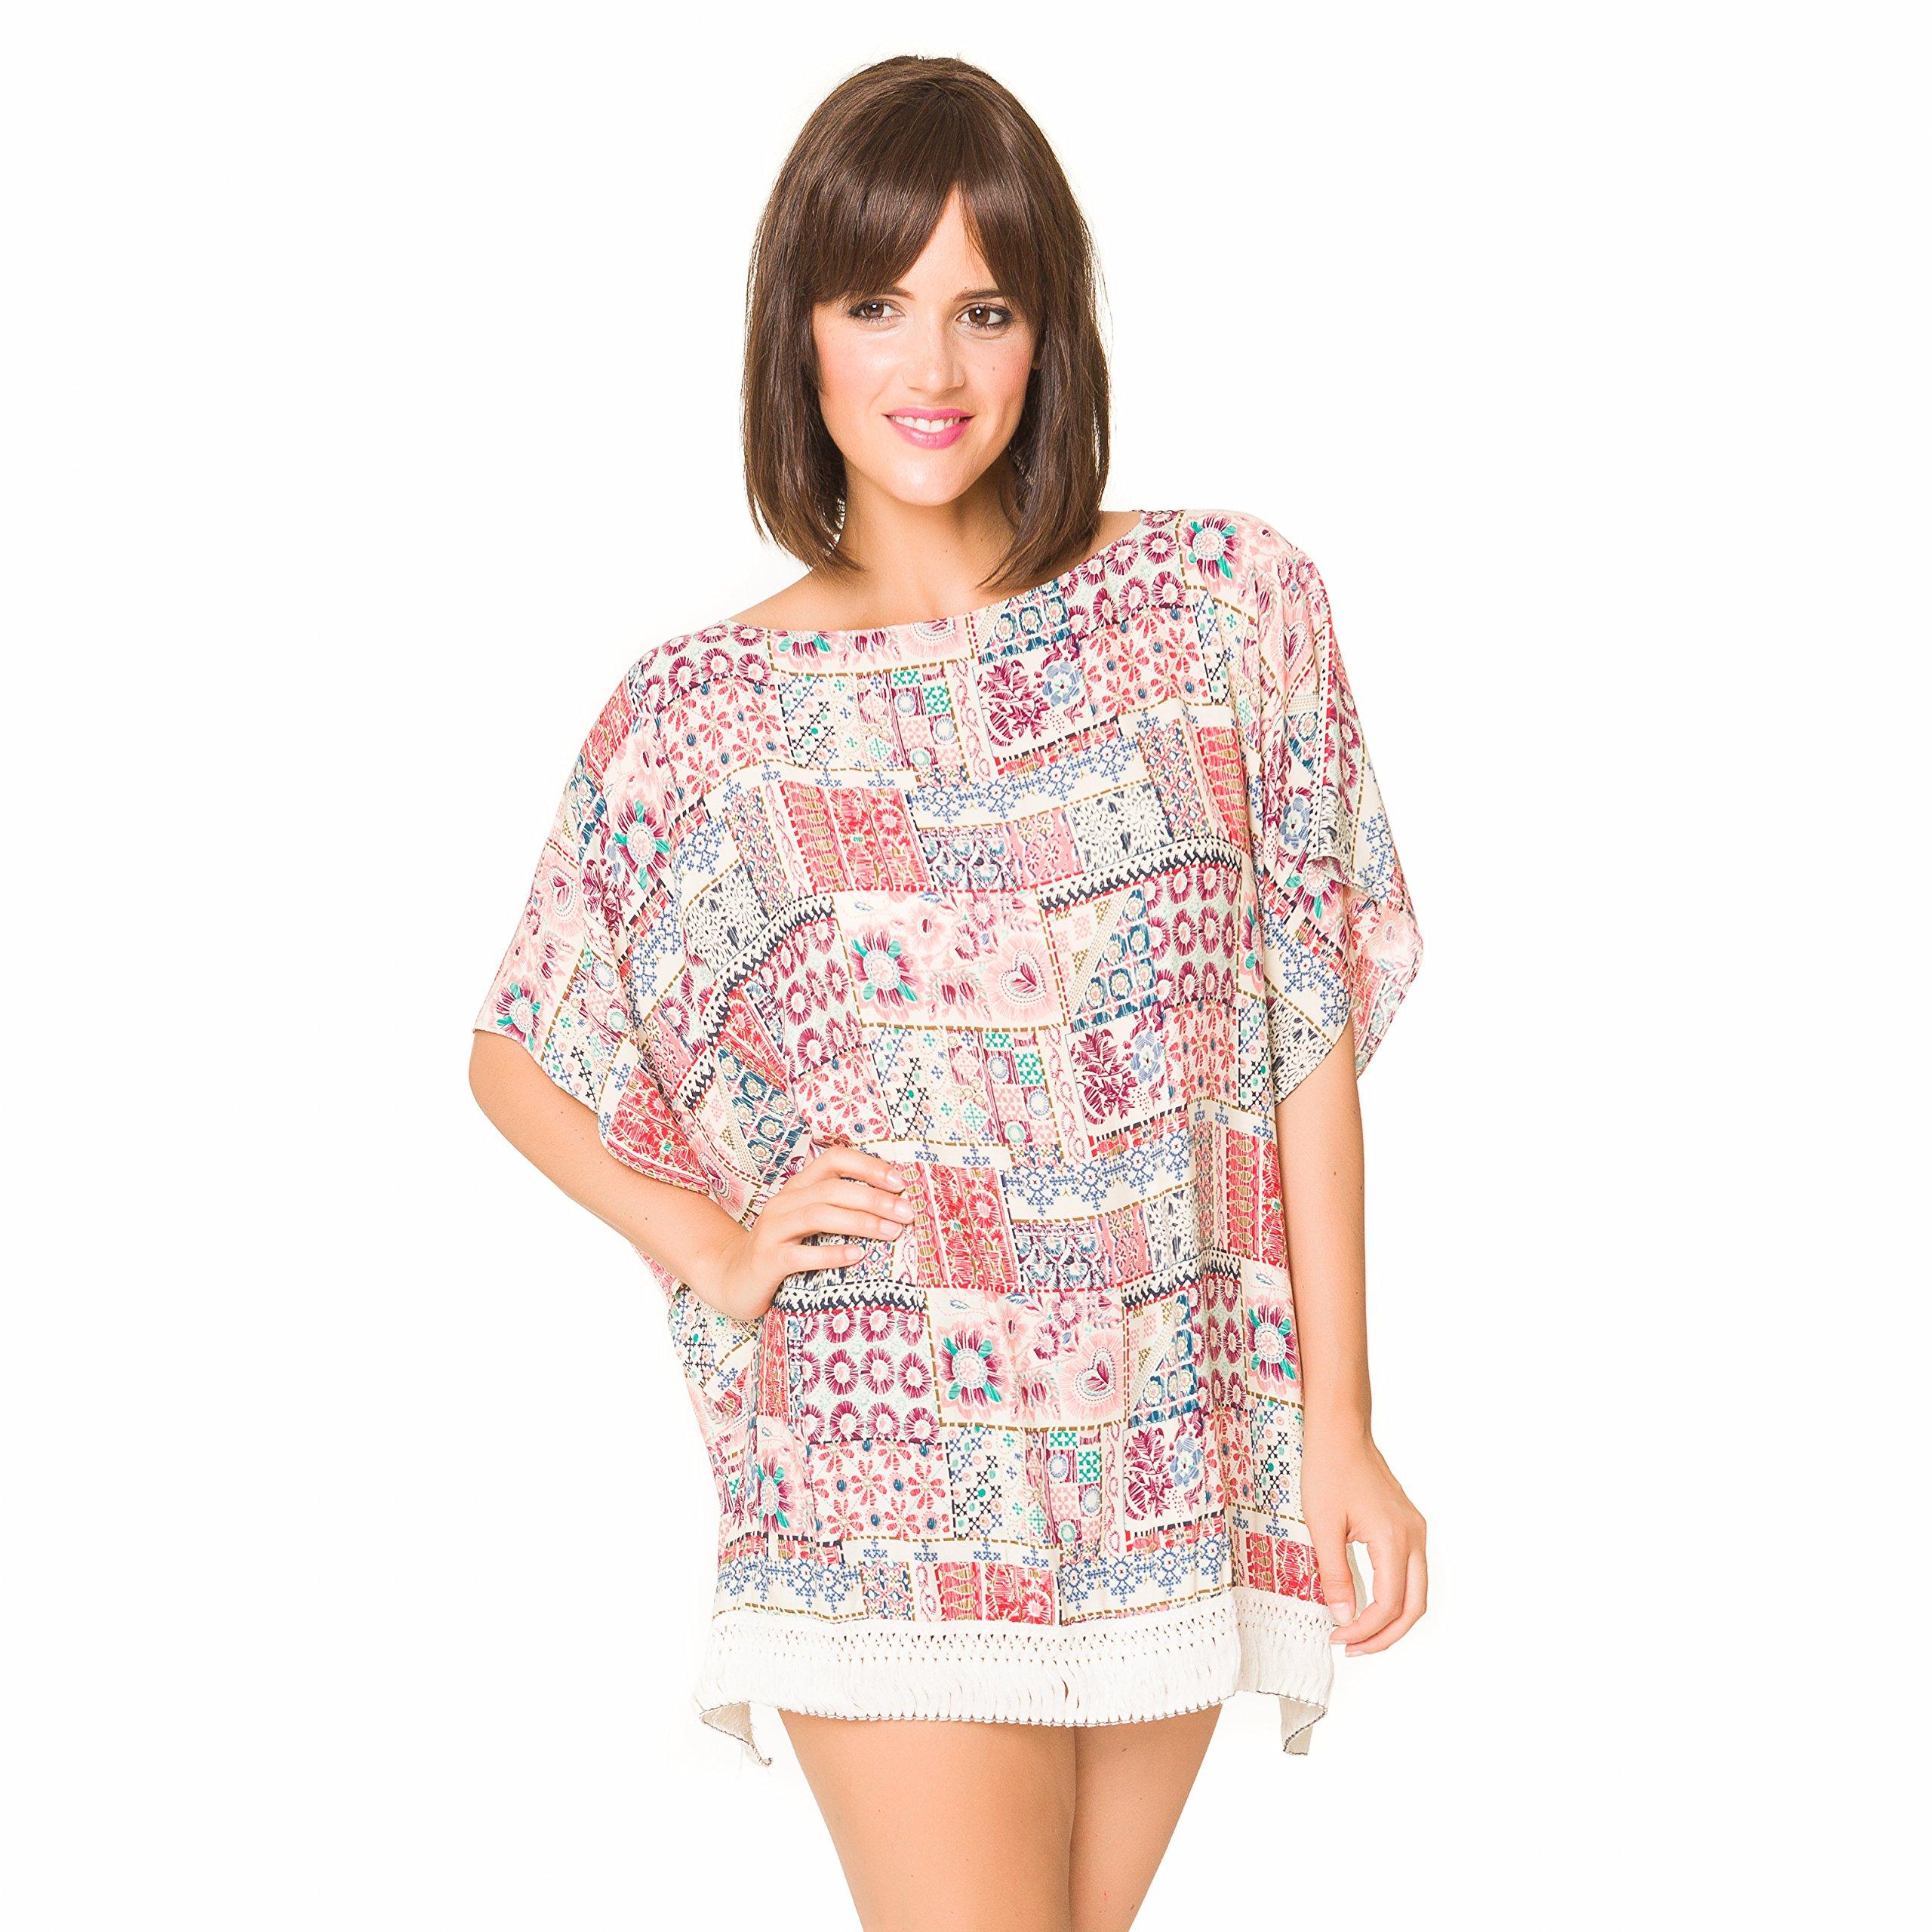 Camisolas Playa Mujer Verano Pareo Vestido para Proteger Sol y Cubrir Bikini 3adfb191929